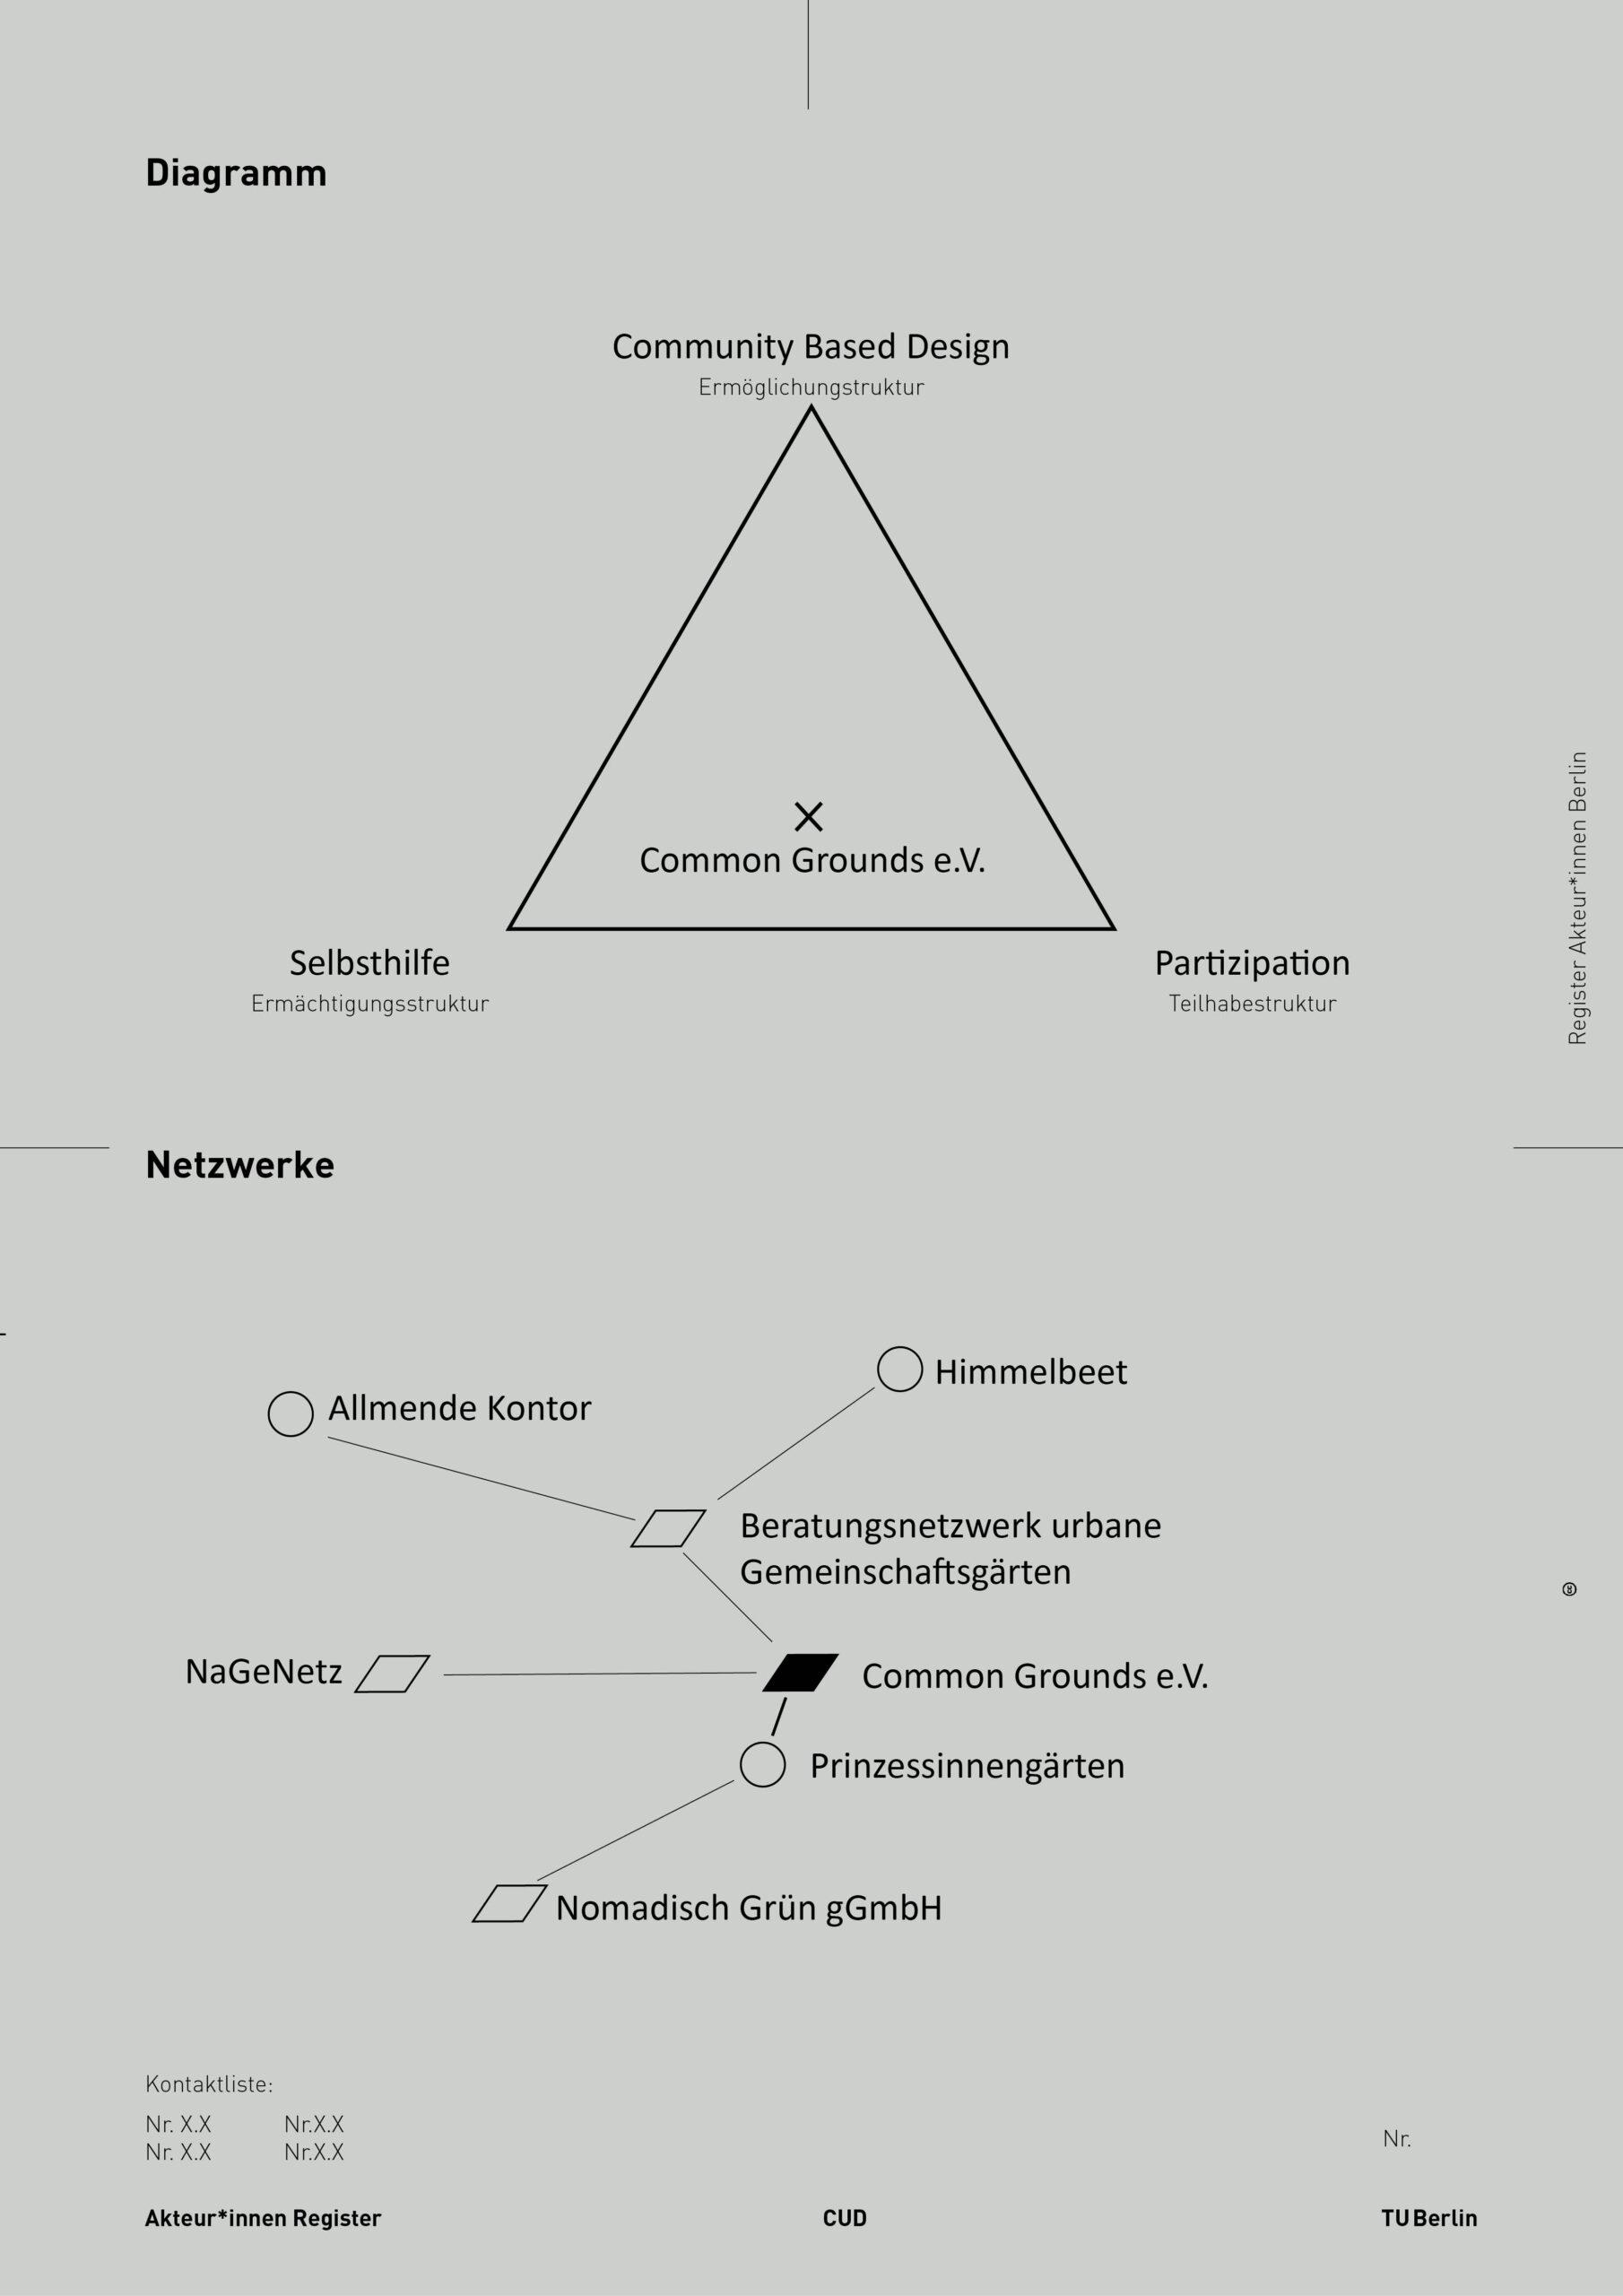 2021-05-17_AkteurInnen_Register_9